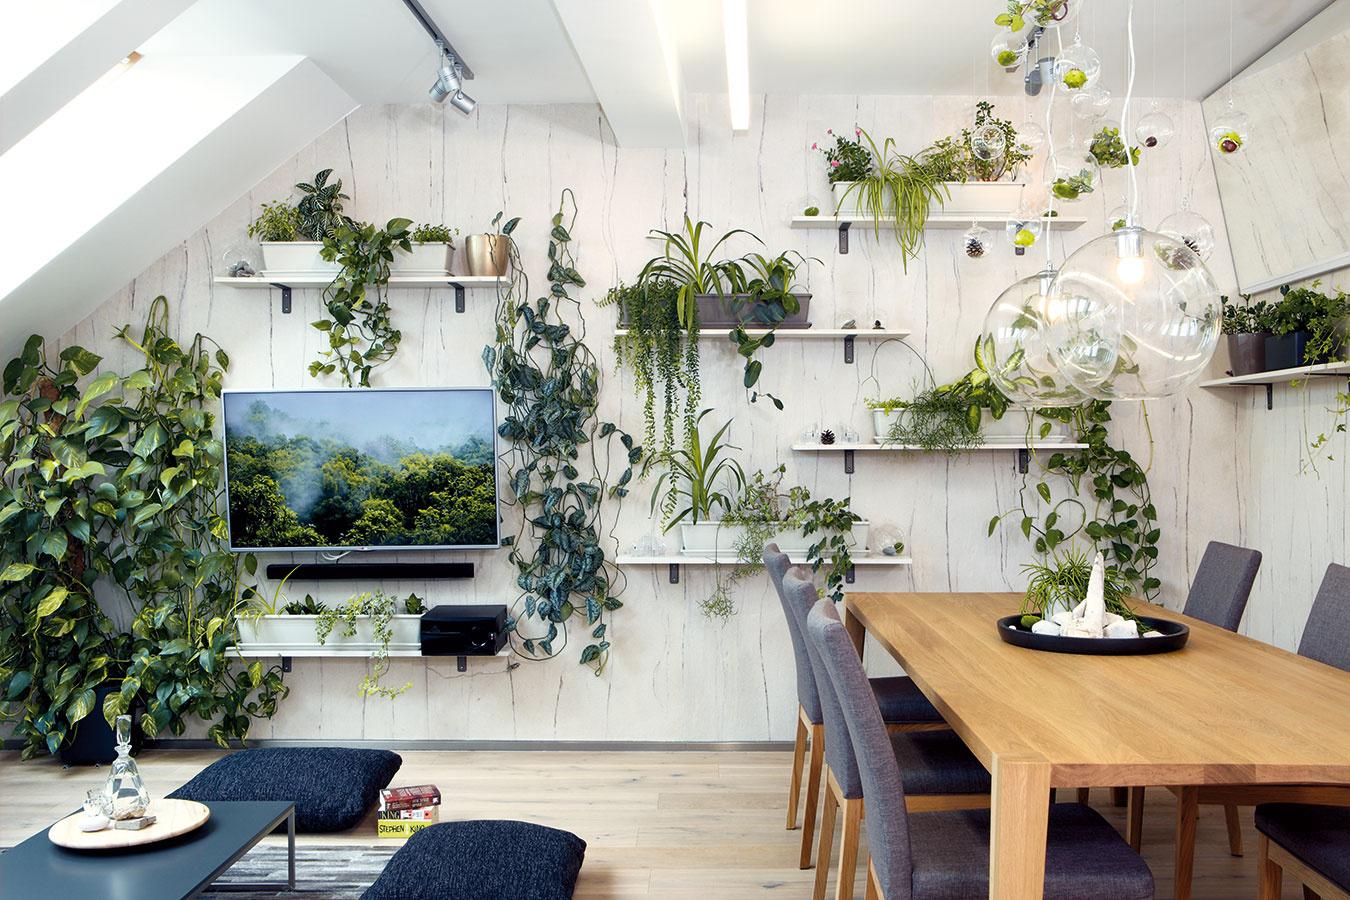 Rôzne polohy sivej prestupujú celou otvorenou obývačkou – vstudených tónoch je napríklad sedačka akoberec, vteplých zasa čalúnenie jedálenských stoličiek.